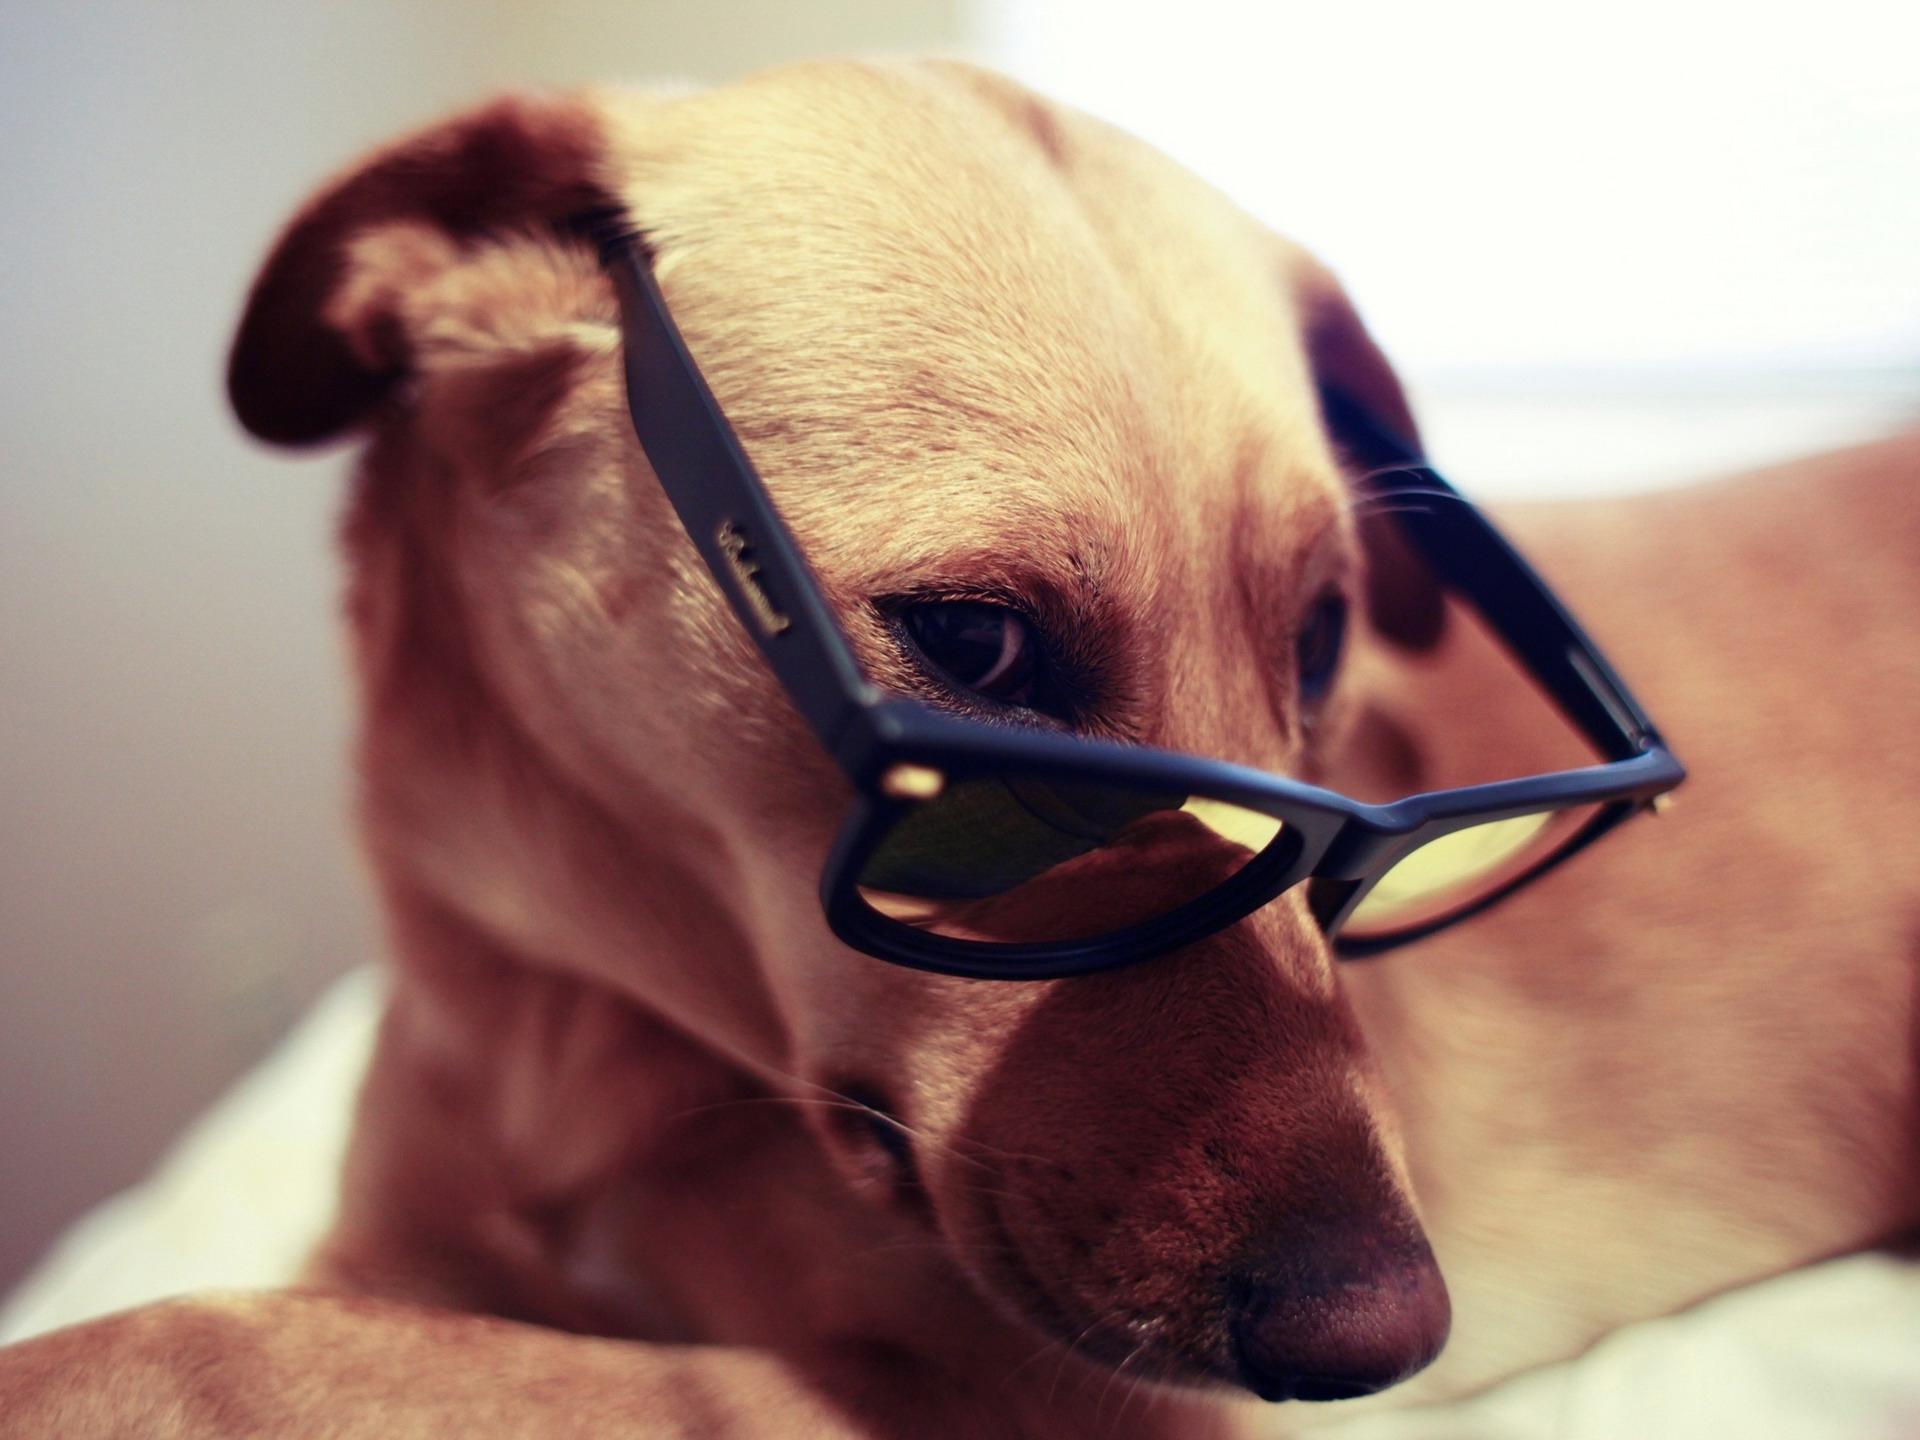 Картинка с псом в очках, добрым